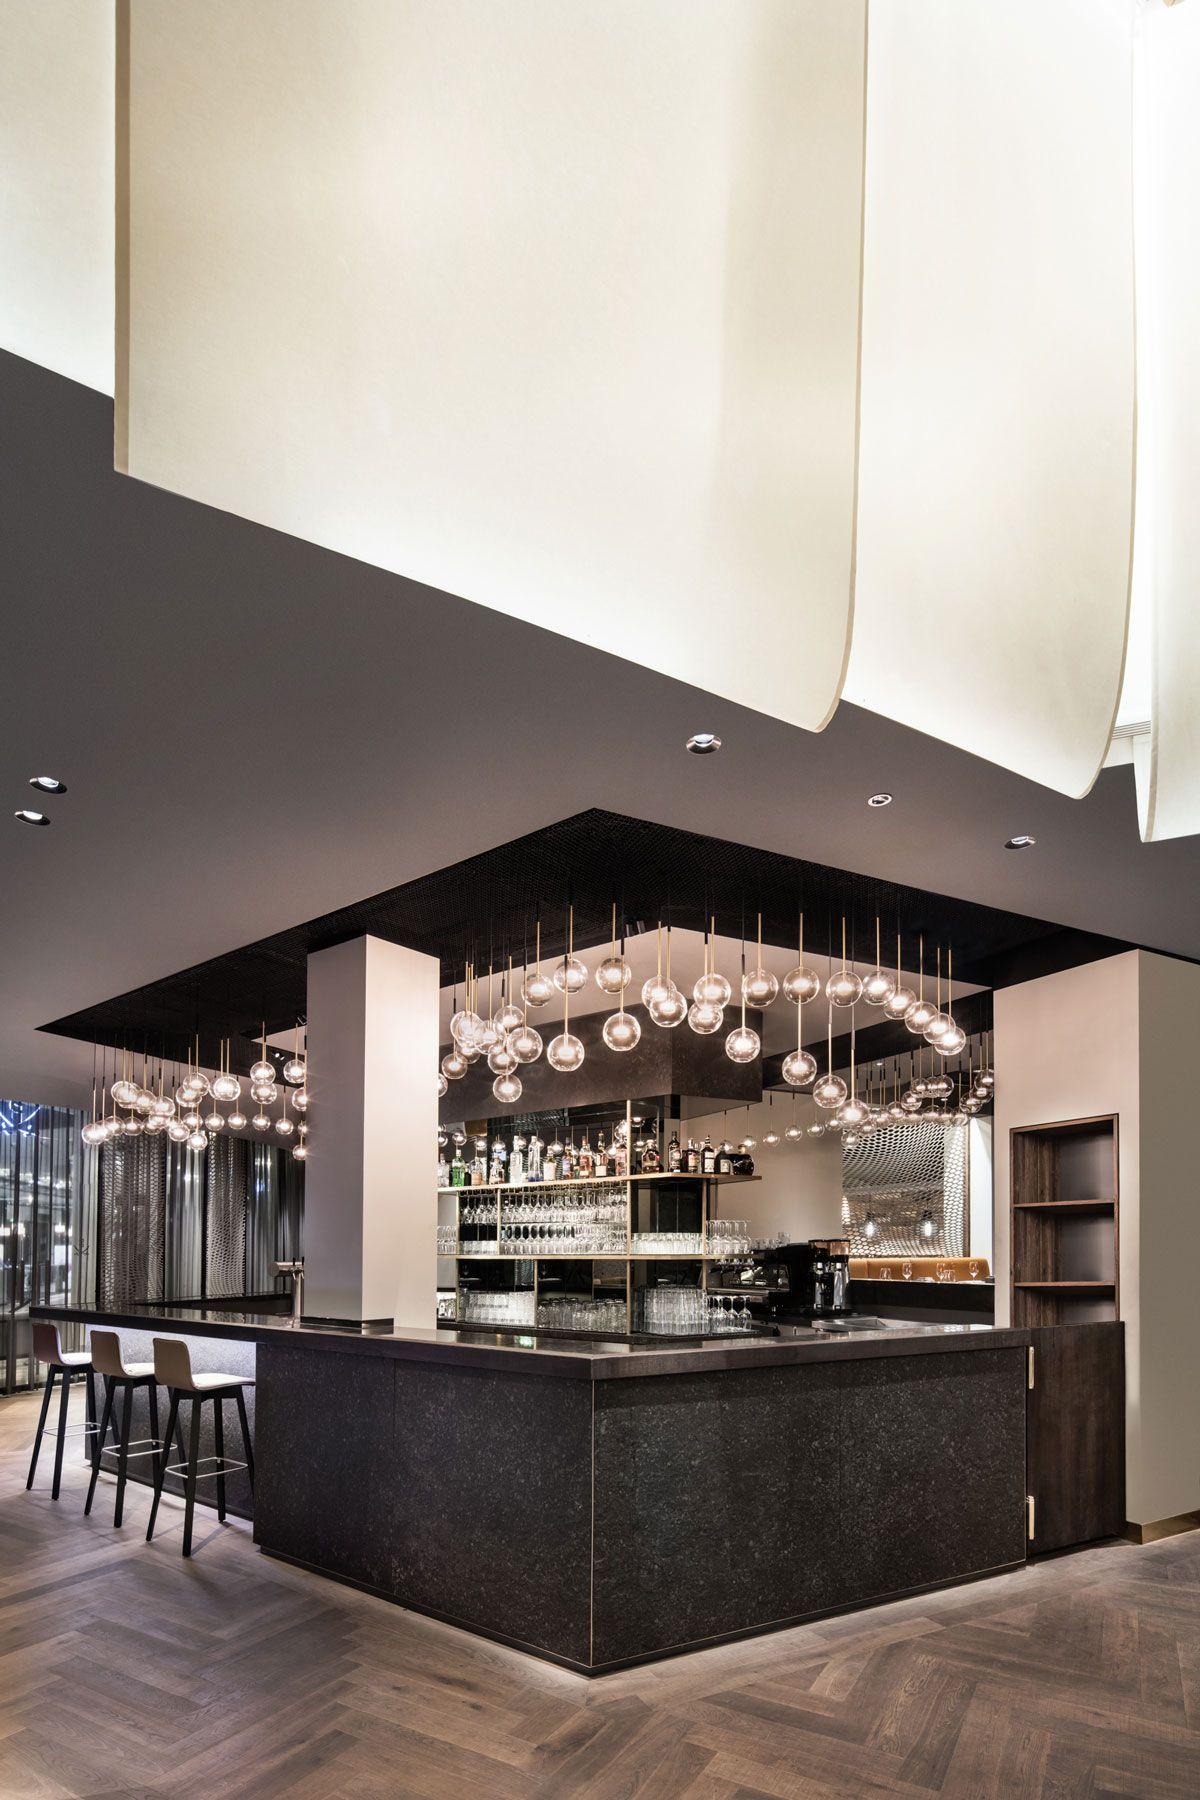 interior design architecture sansibar stuttgart by dia dittel architekten dia restaurant. Black Bedroom Furniture Sets. Home Design Ideas